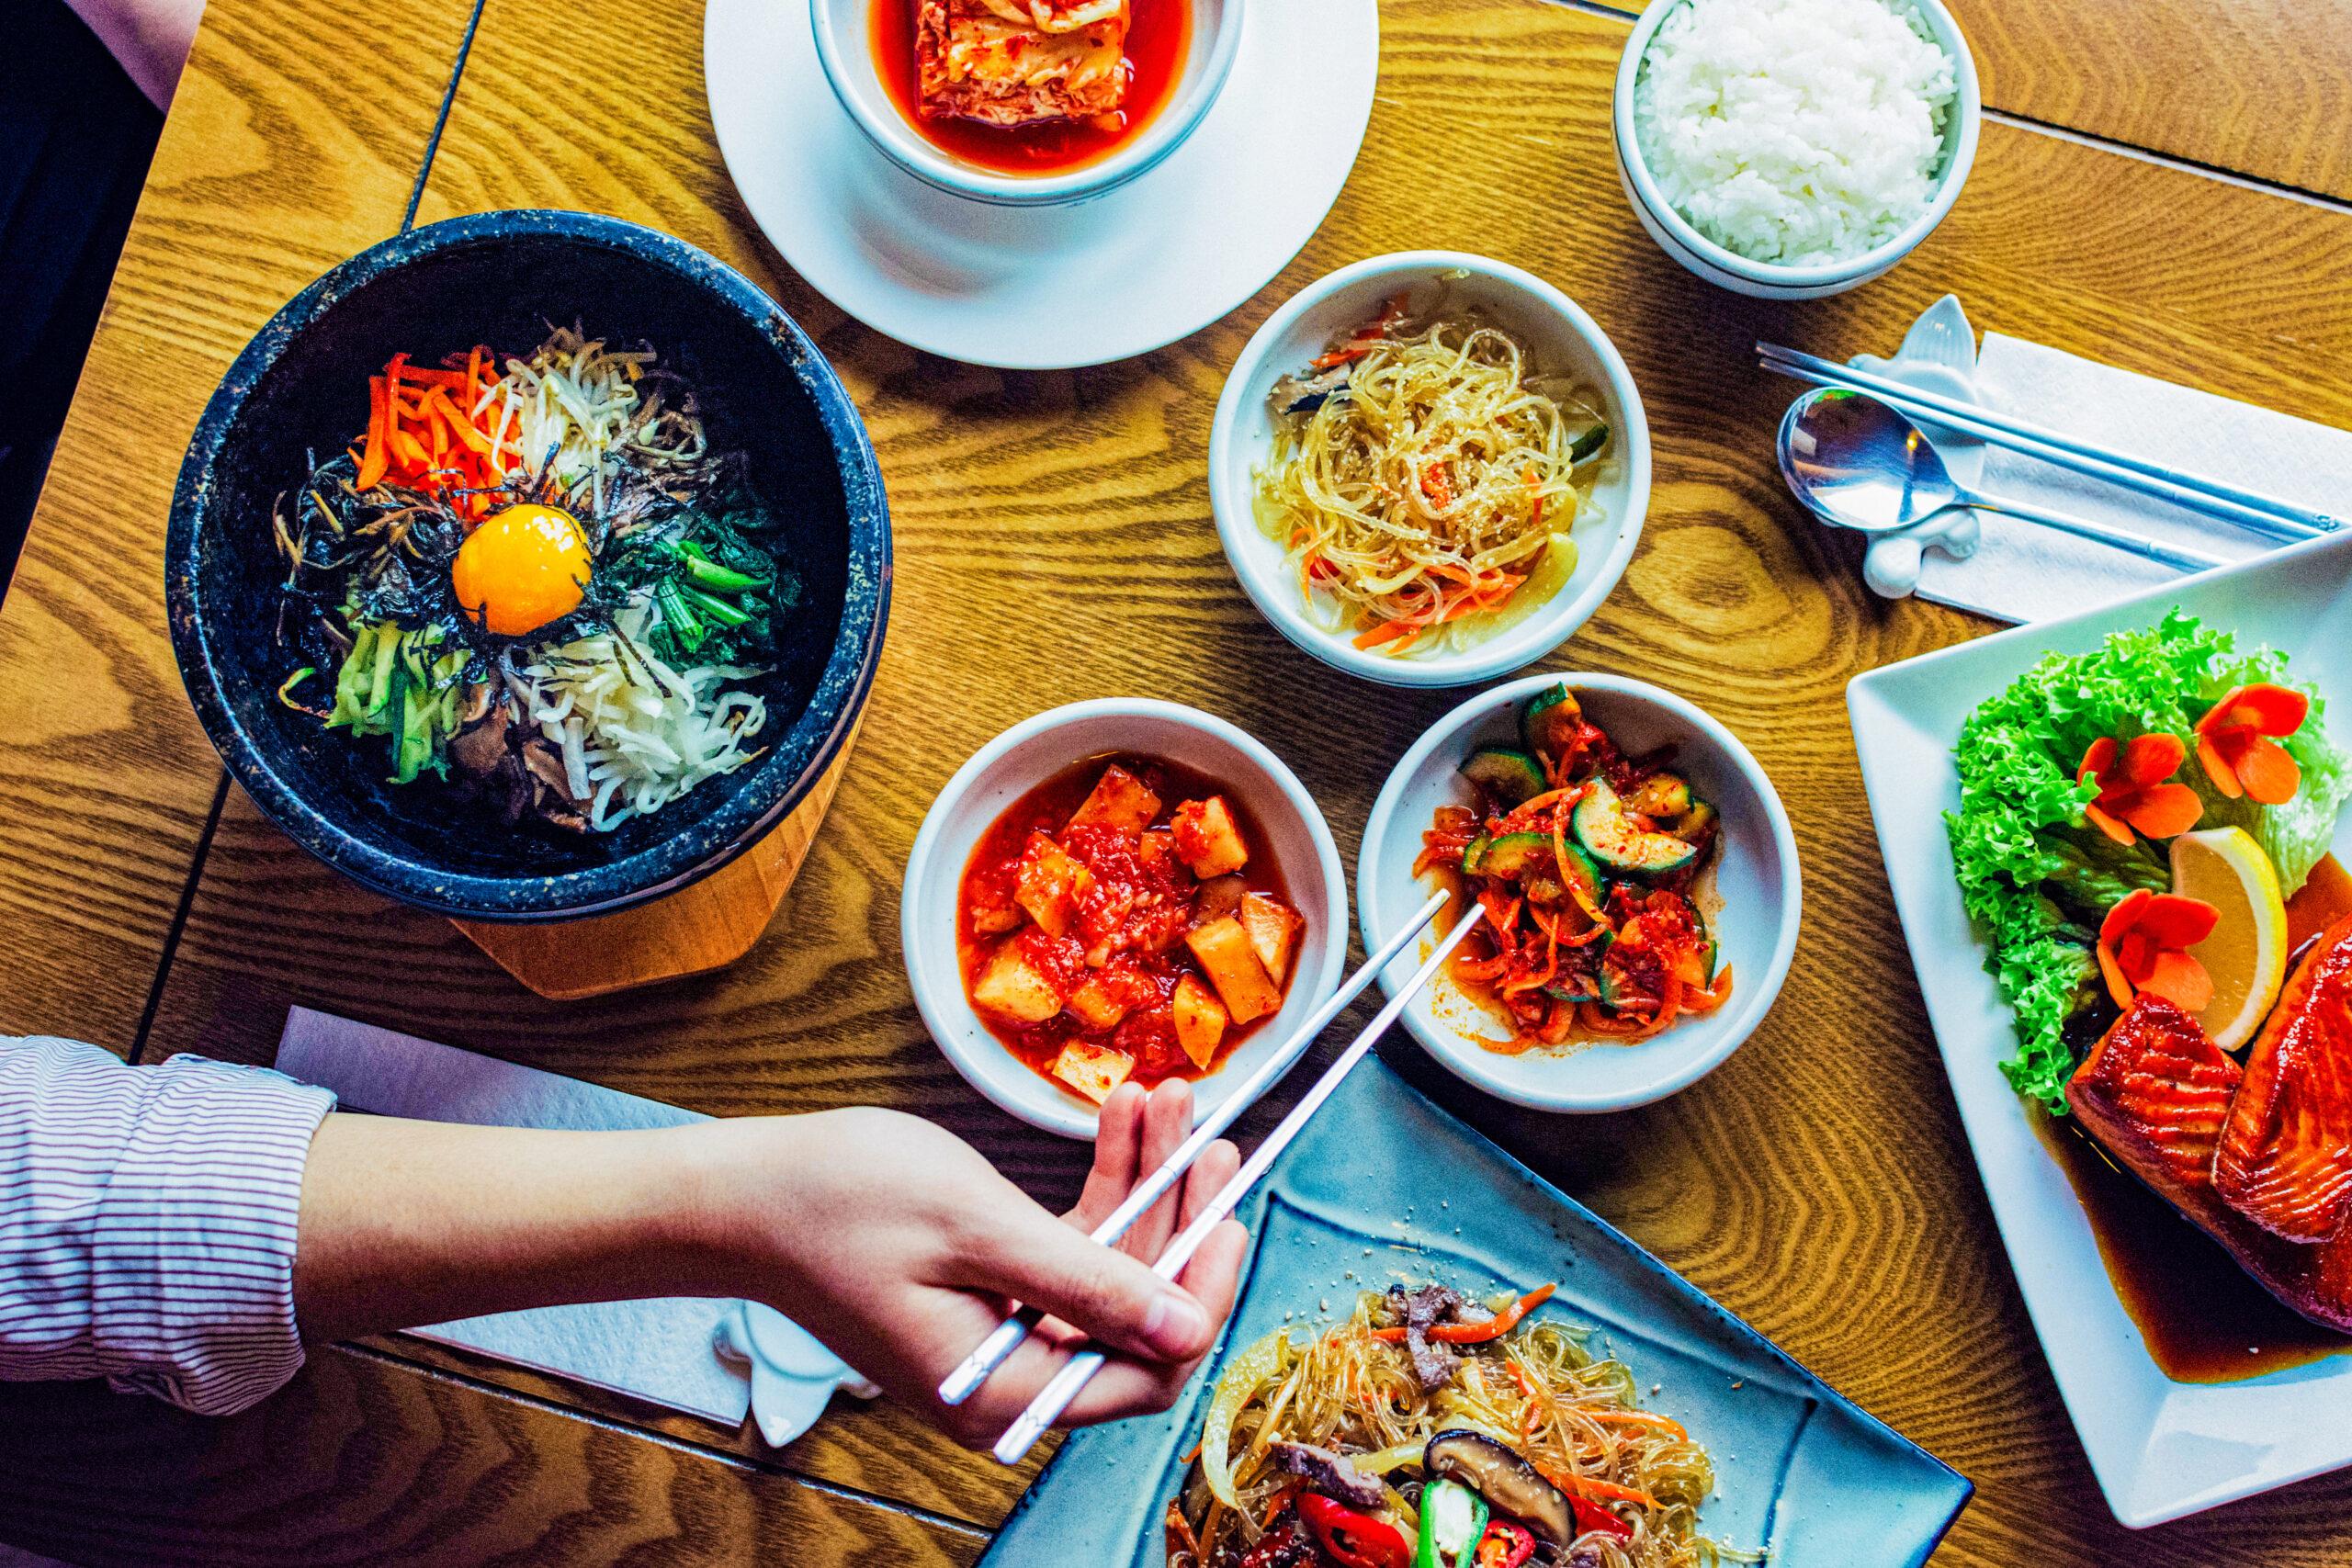 معرفی ۱۵ غذای کره ای لذیذ و خوشمزه که در جهان نظیر ندارند!